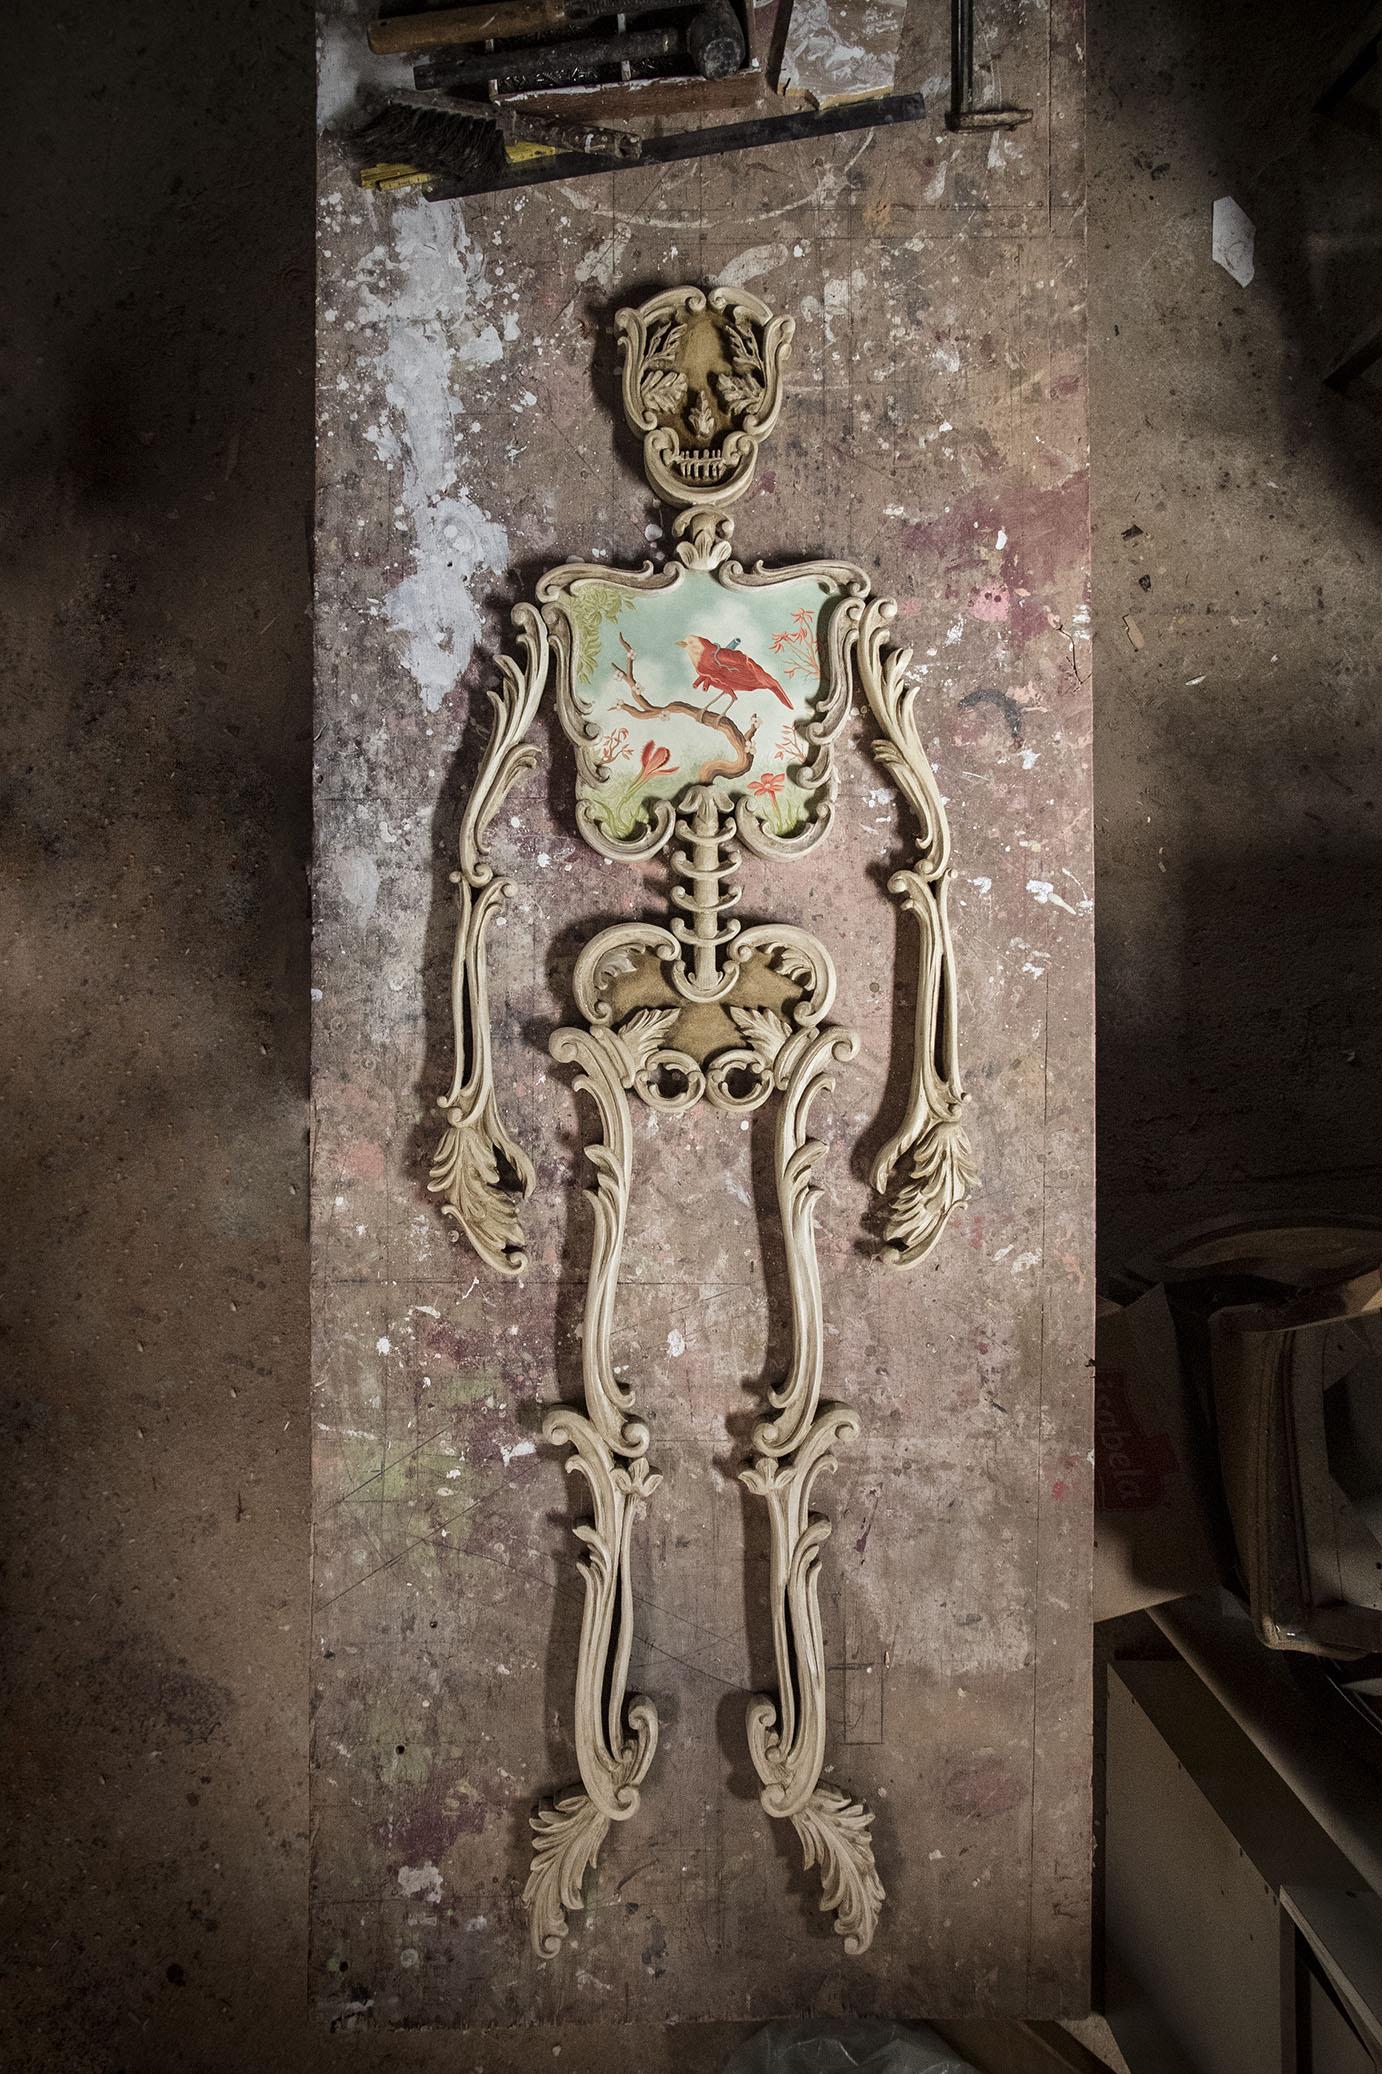 Esqueleto (Sketeton), 2017